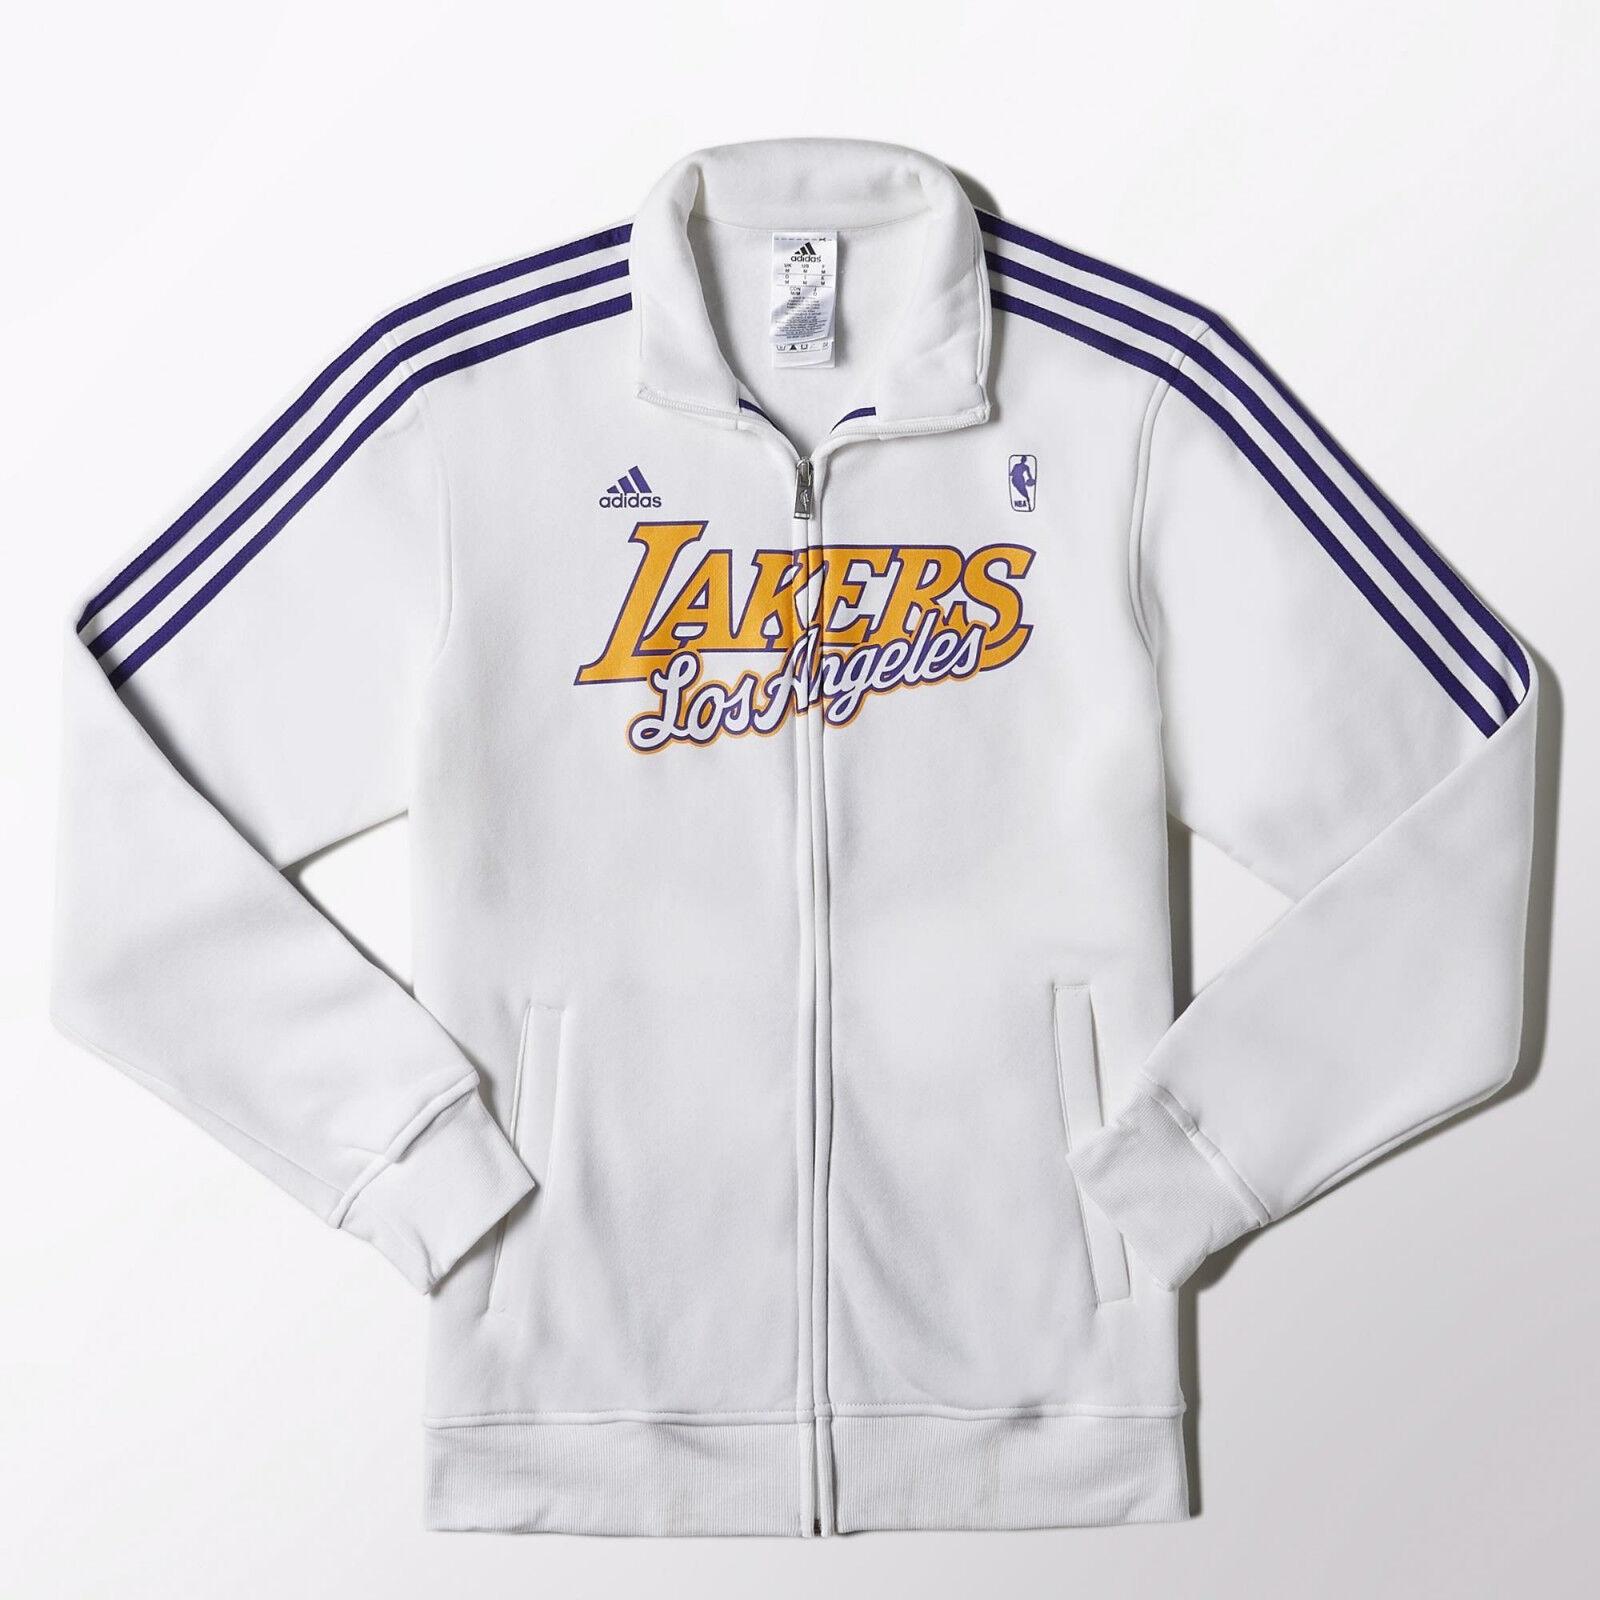 Los Angeles Lakers Authentic Nba chaqueta de pista lal Adidas f87776 Tamaño Mediano